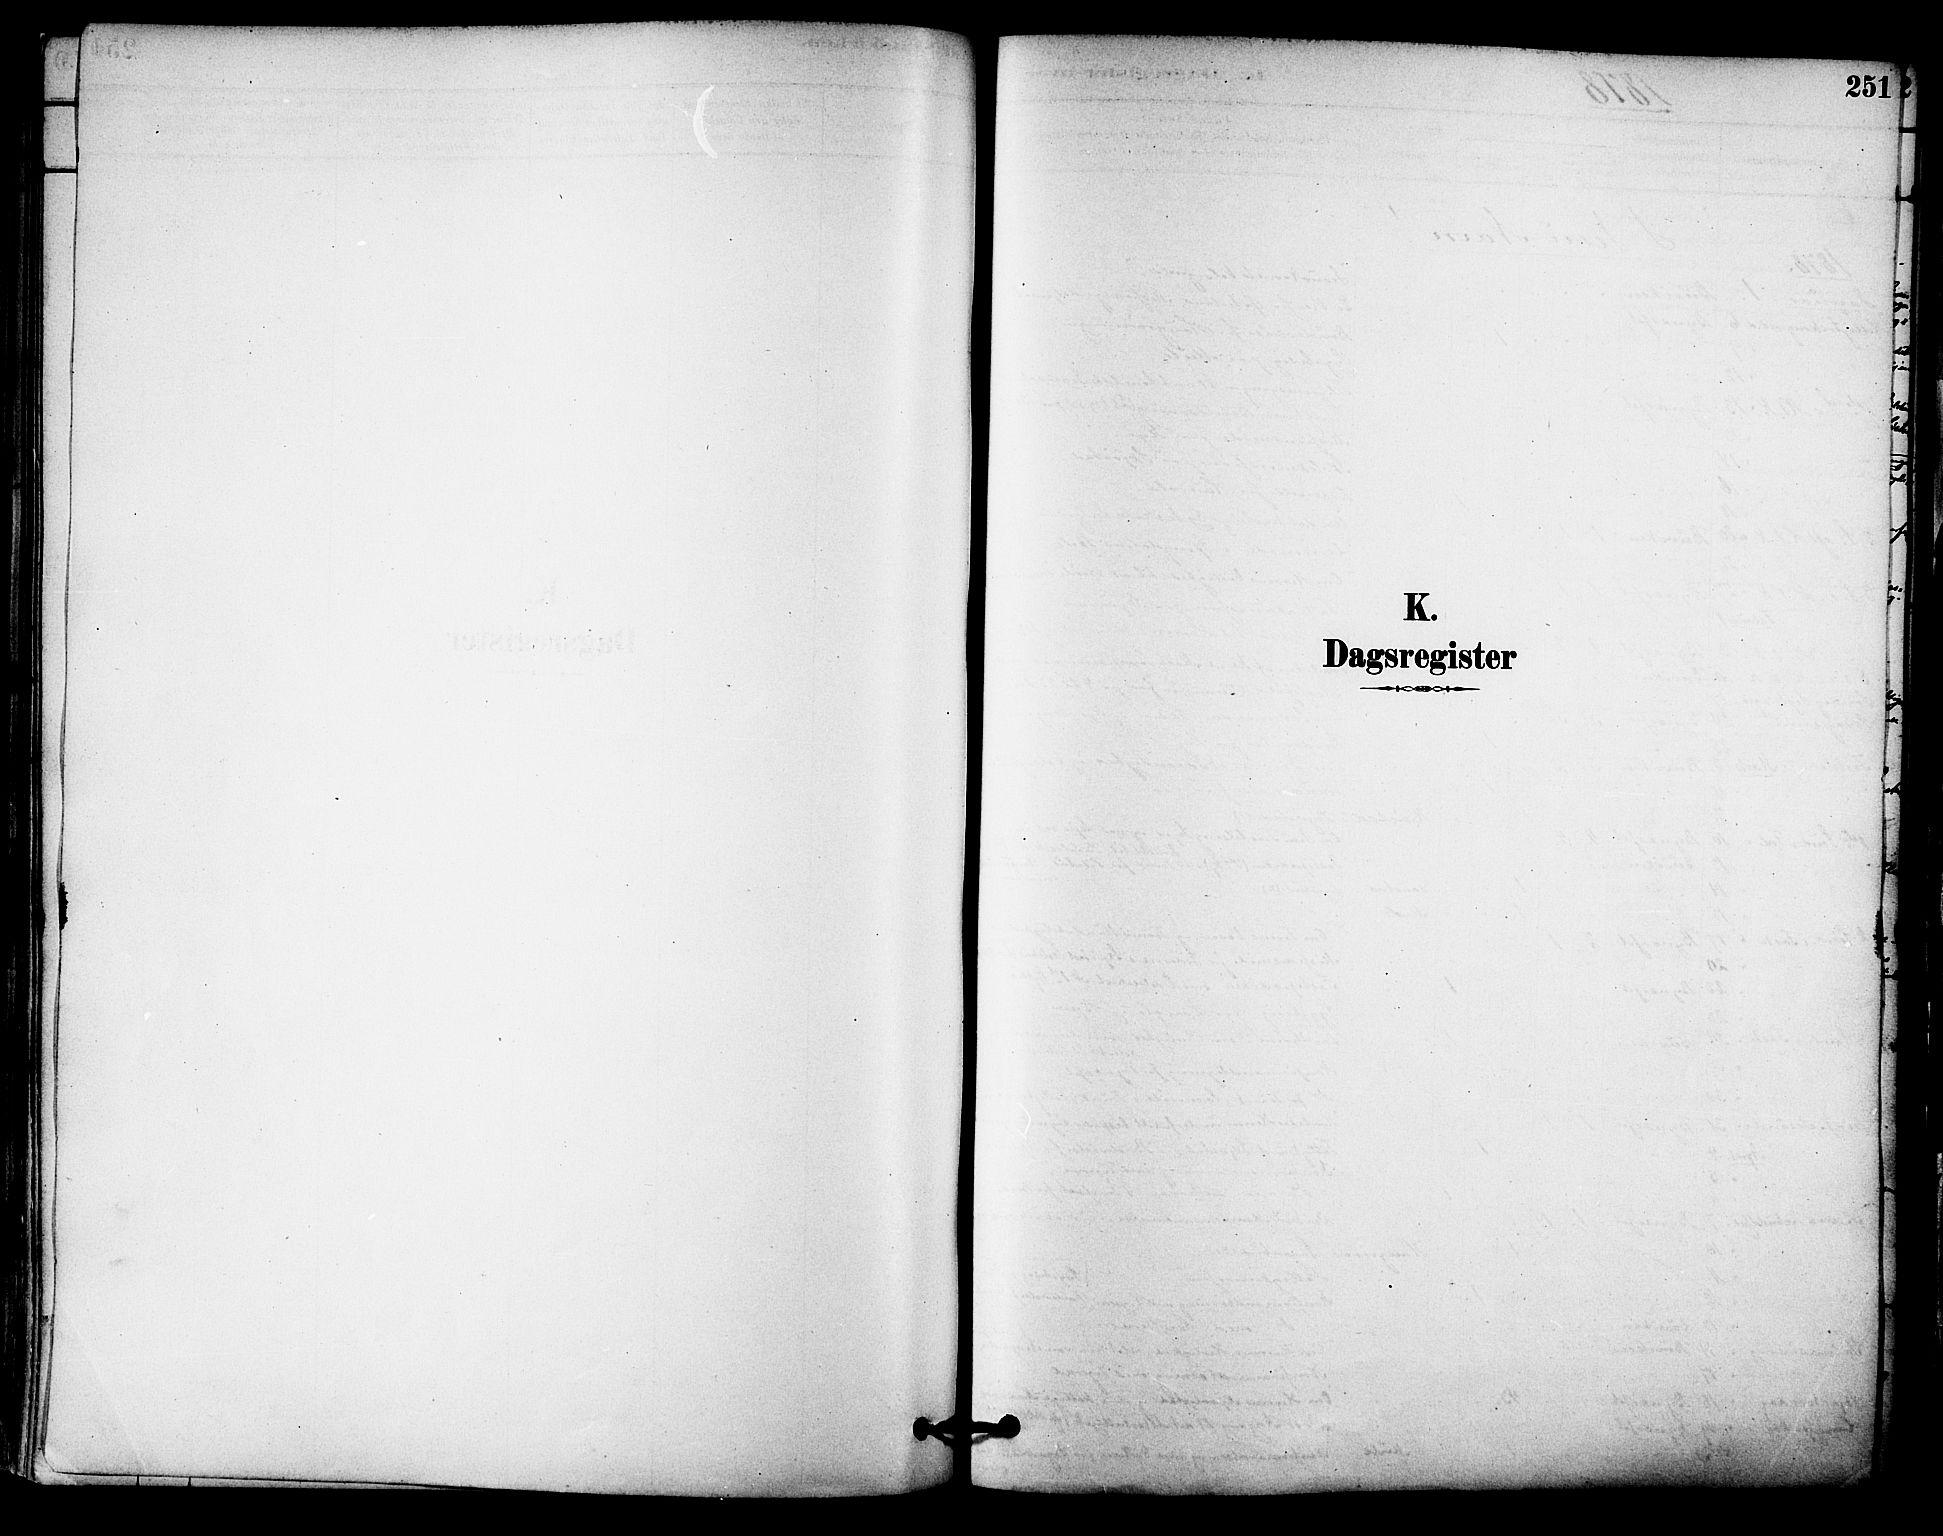 SAT, Ministerialprotokoller, klokkerbøker og fødselsregistre - Sør-Trøndelag, 612/L0378: Ministerialbok nr. 612A10, 1878-1897, s. 251